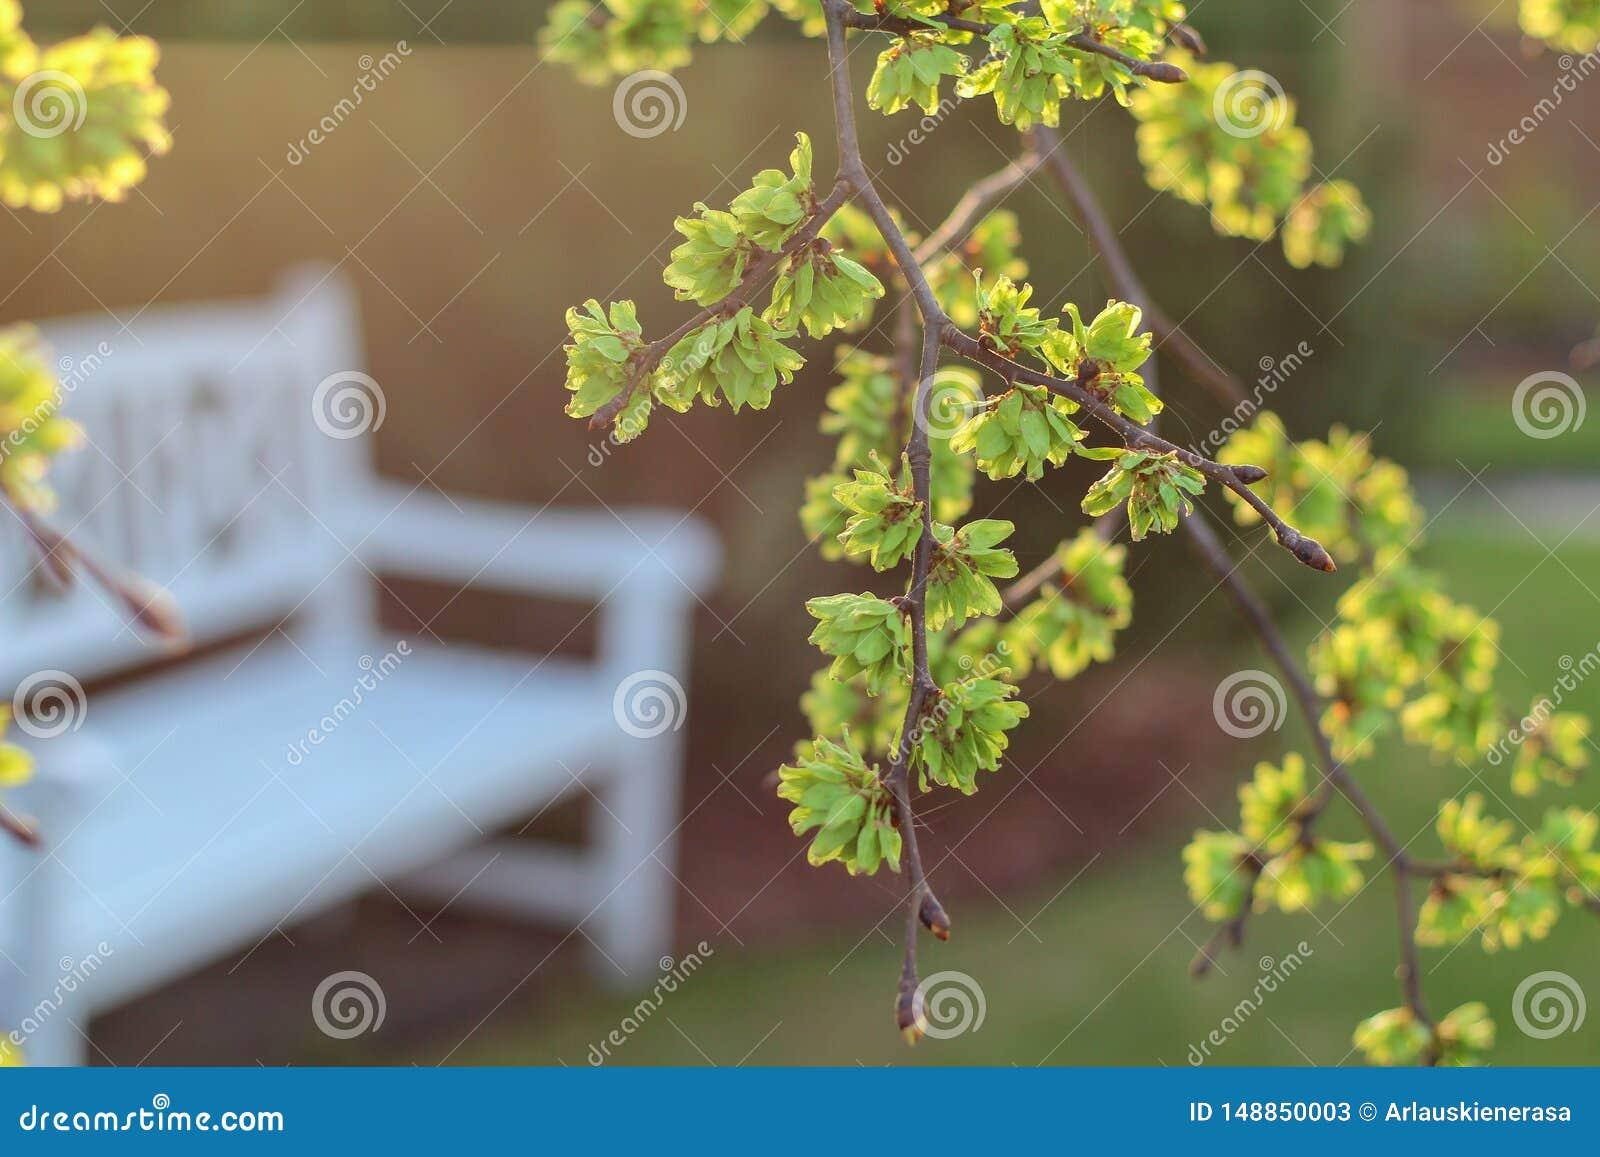 Frühlingsansicht in einen Garten mit einer weißen Bank unter einem blühenden Ulmenbaum